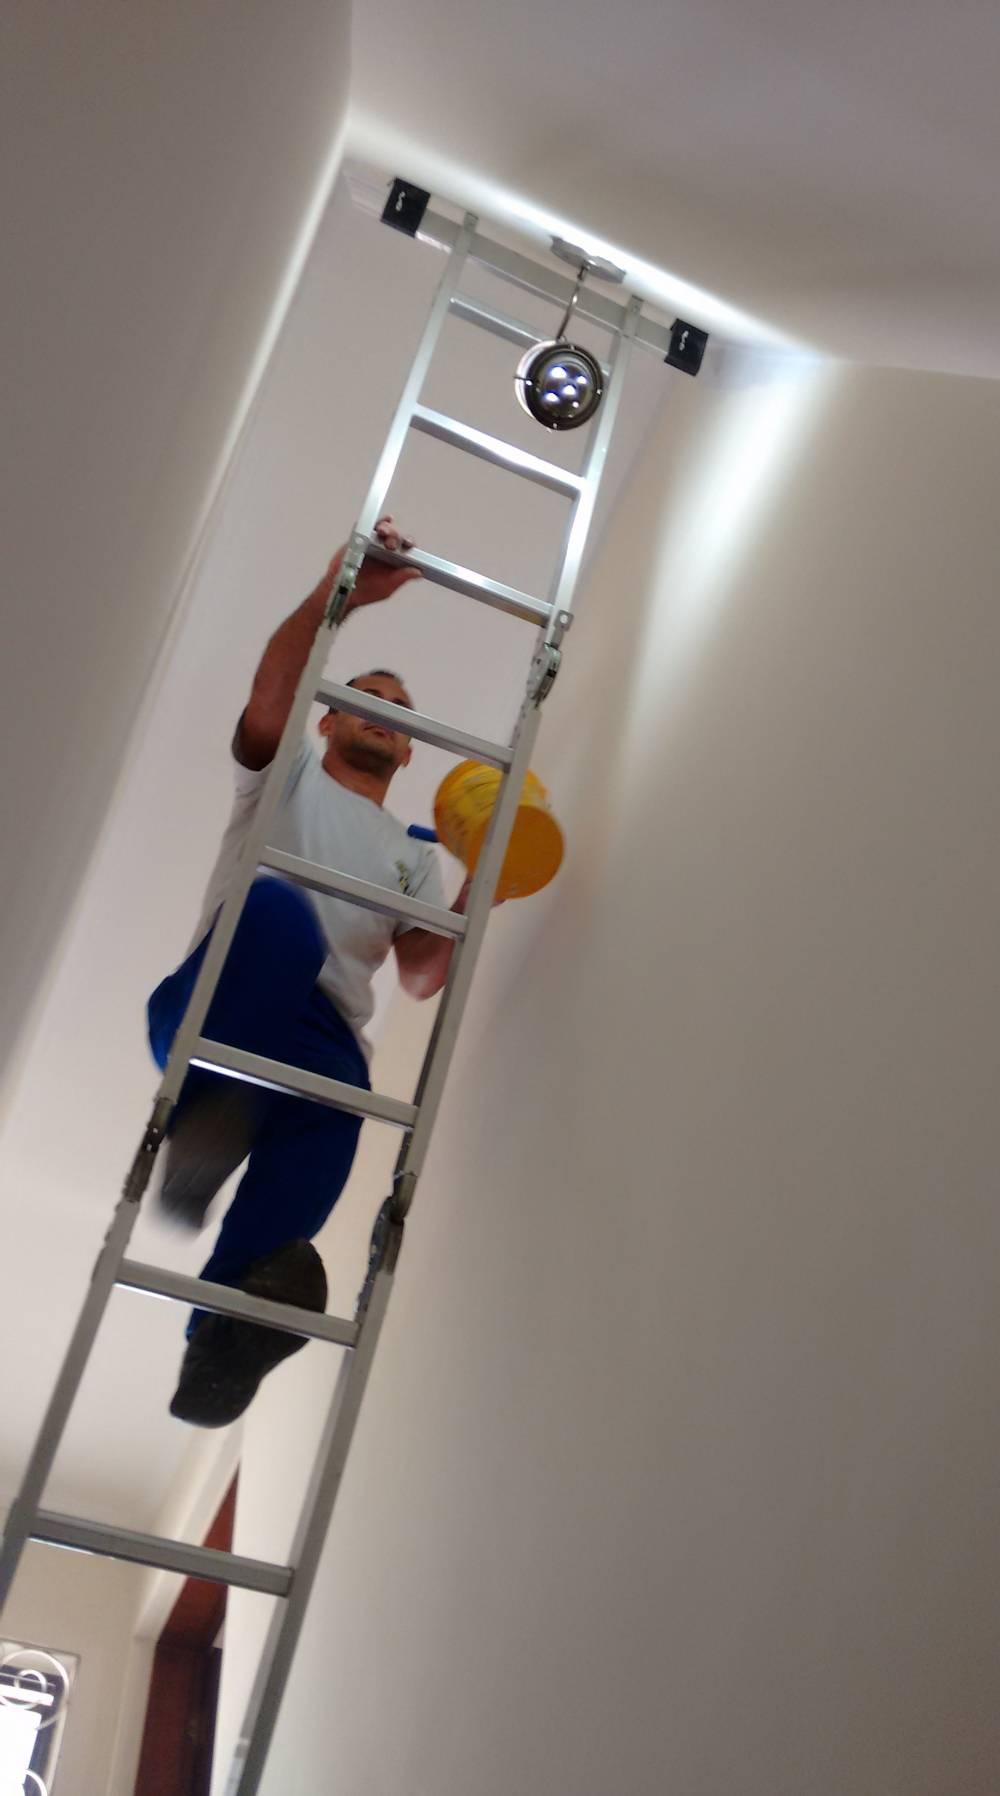 Contratar Serviço de Reparos em Residências em Santa Ifigênia - Manutenção Residencial em São Bernardo